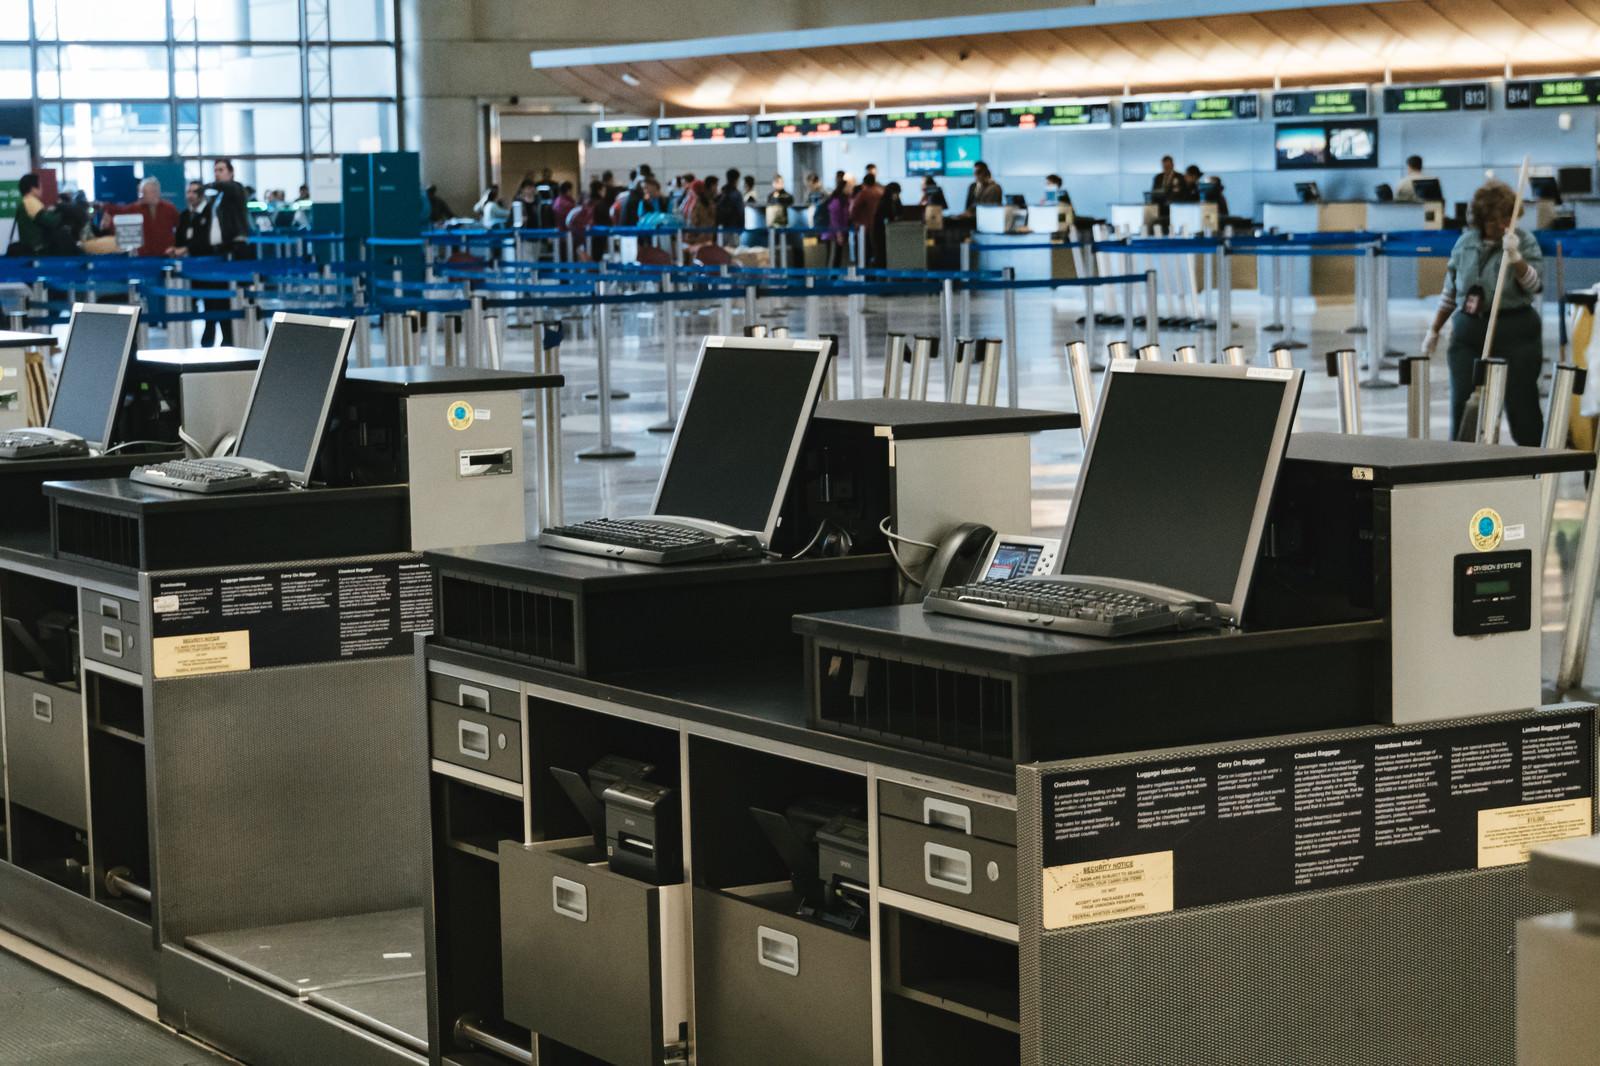 「空港の受付けと旅客の様子空港の受付けと旅客の様子」のフリー写真素材を拡大